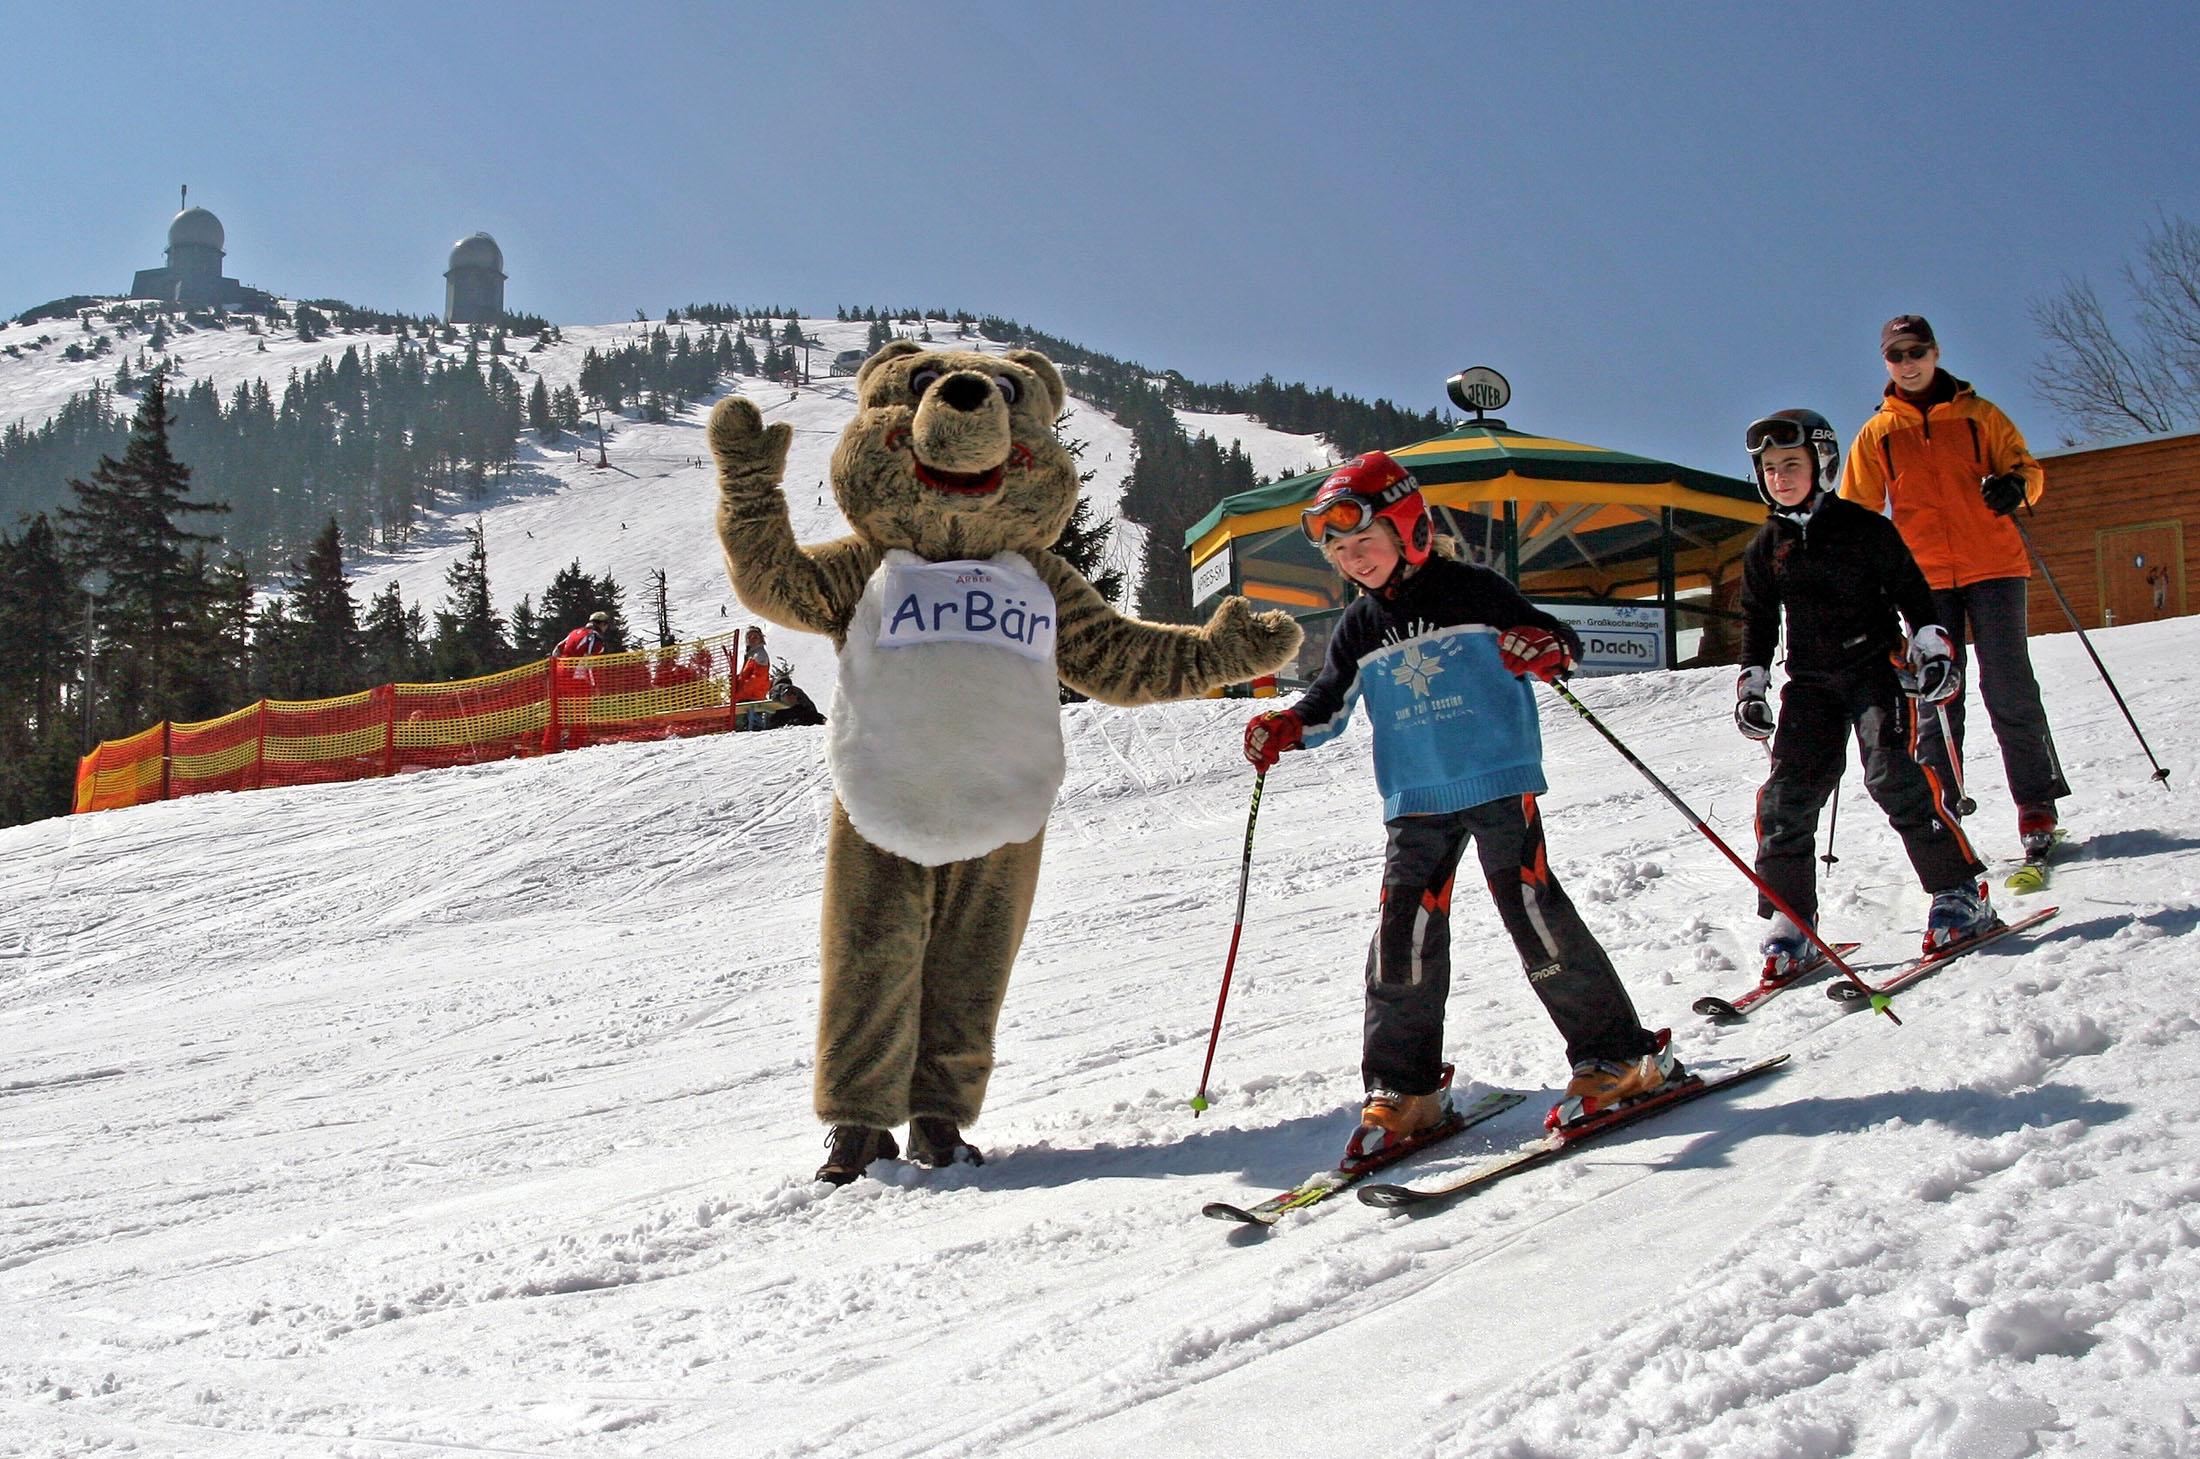 Skiing in ArBär Kinderland - Skifahren im ArBär Kinderland